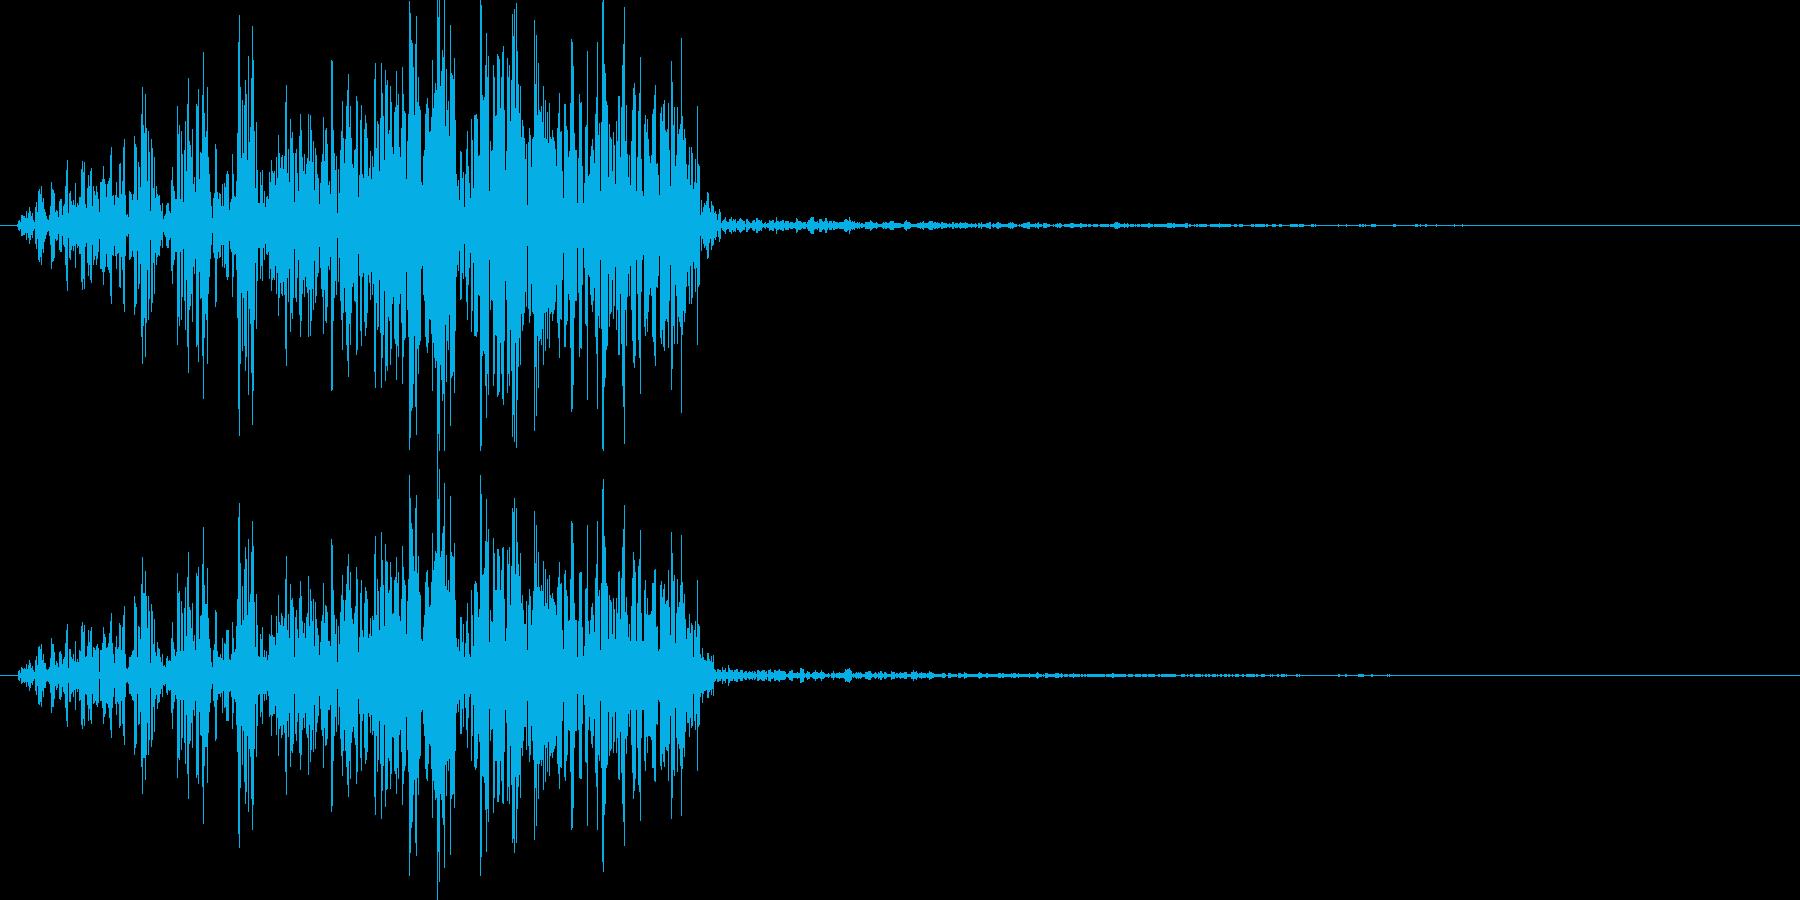 アフリカライオンの鳴き声(叫びに近い)の再生済みの波形